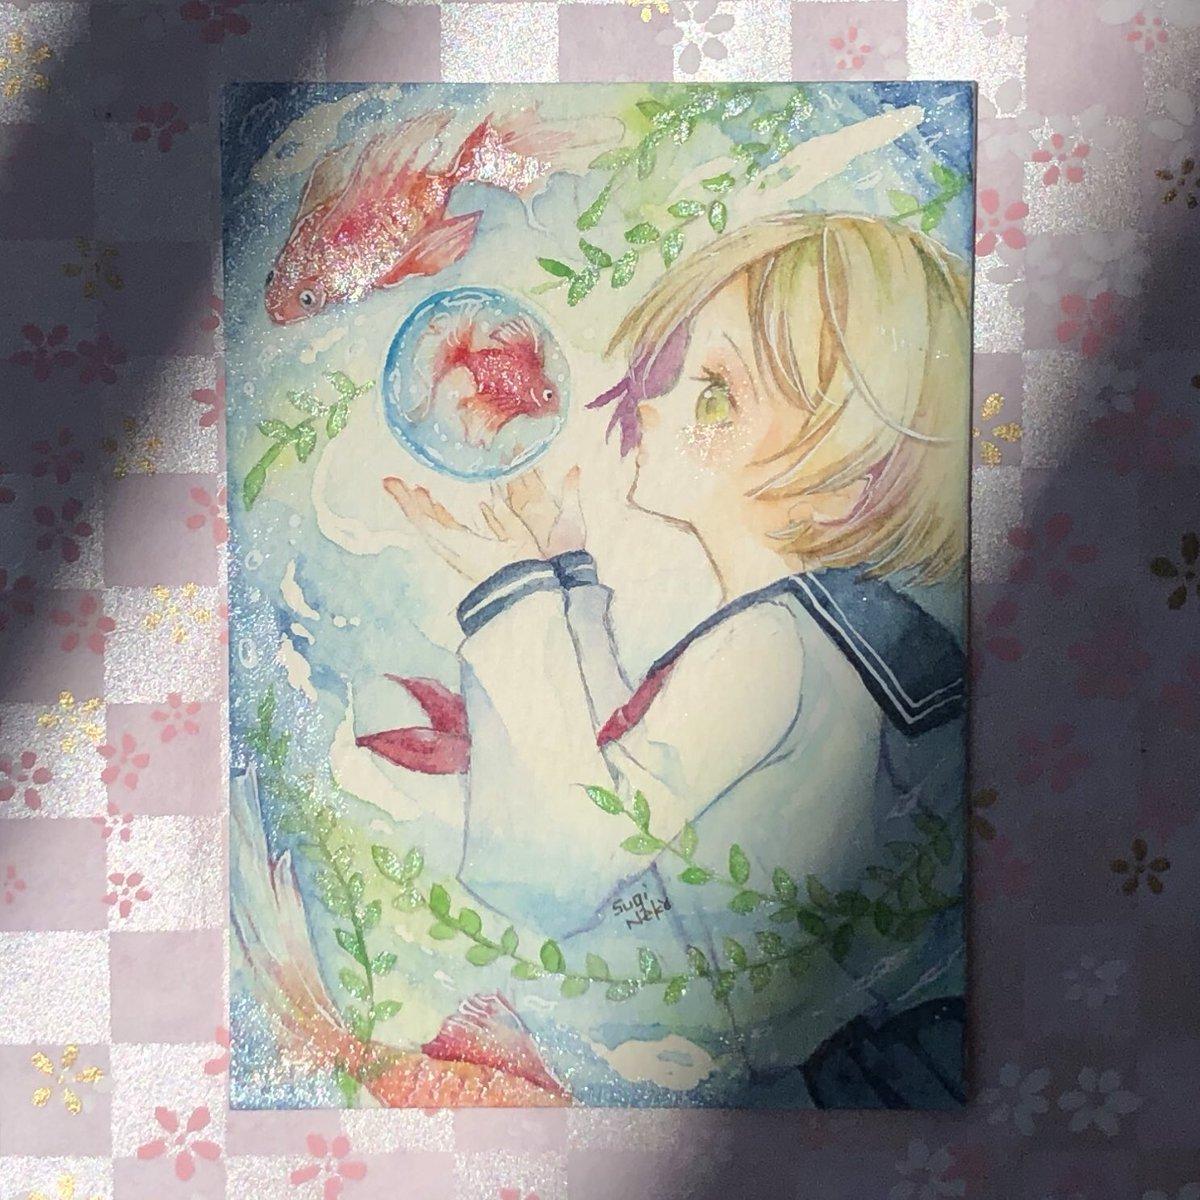 @Sugi_Neko さんの 「金魚の詩」#atc をお迎えしました!✨  可愛らしくて本当にありがとうございます!漫画等、色々作成中のようなので、アーティストさんのプロフィールを是非覗いてくださいね〜💕 https://t.co/IME67zs6Ba